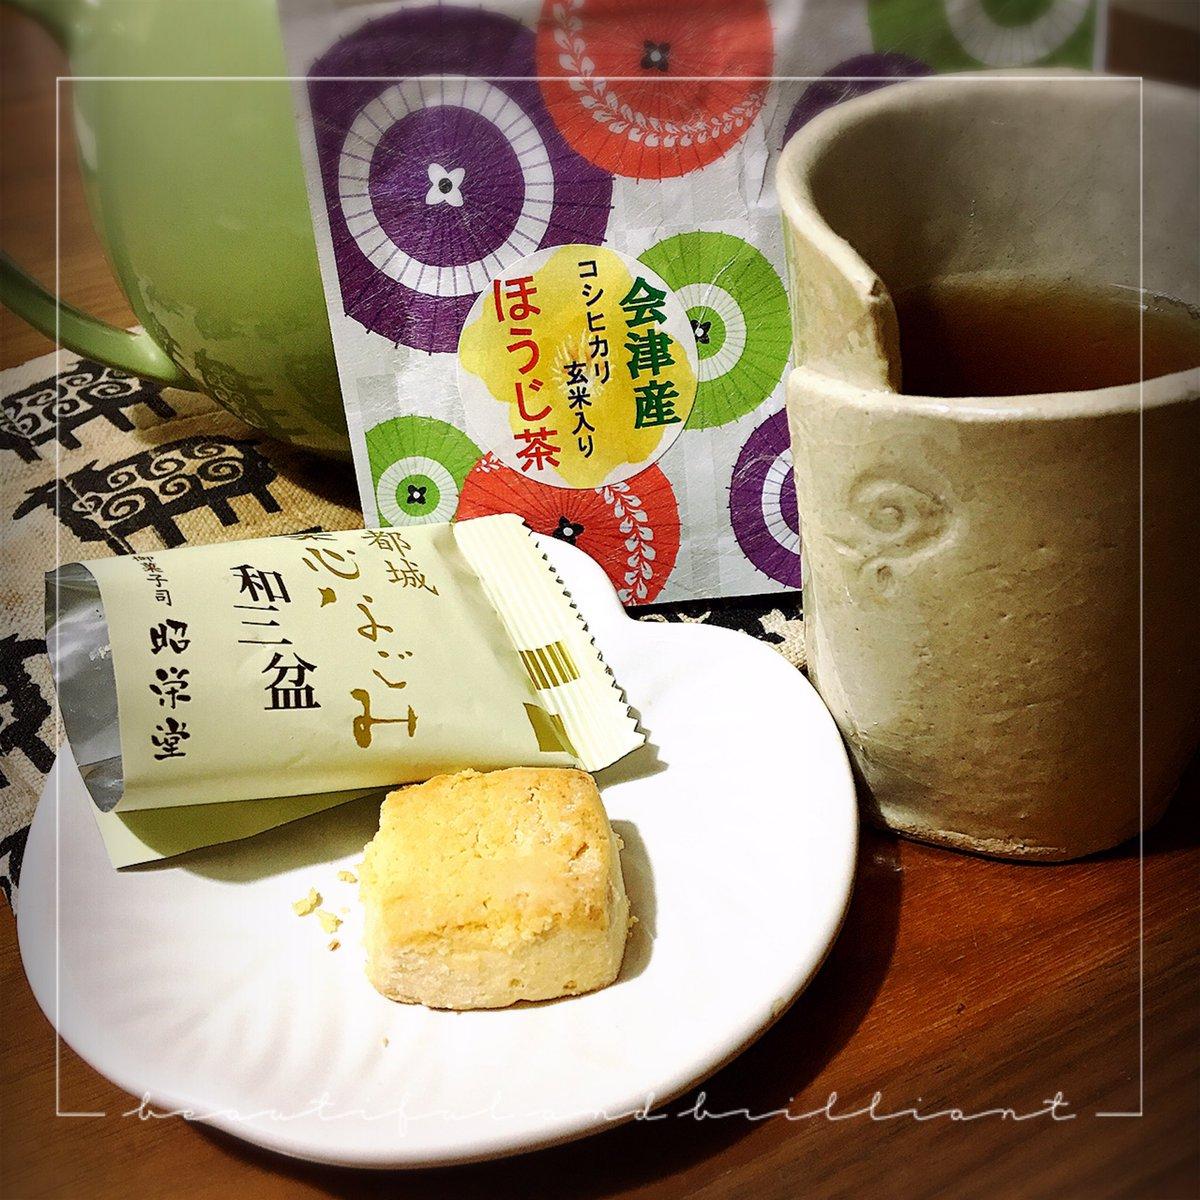 test ツイッターメディア - #本日の甘やかし 大切に飲んでいたお茶がとうとう最後になったから記念に写真撮る 和三盆のお菓子超うまい😋 湯のみはひつじ作🍵(飲みにくいよ) https://t.co/GlNaq6yWZV